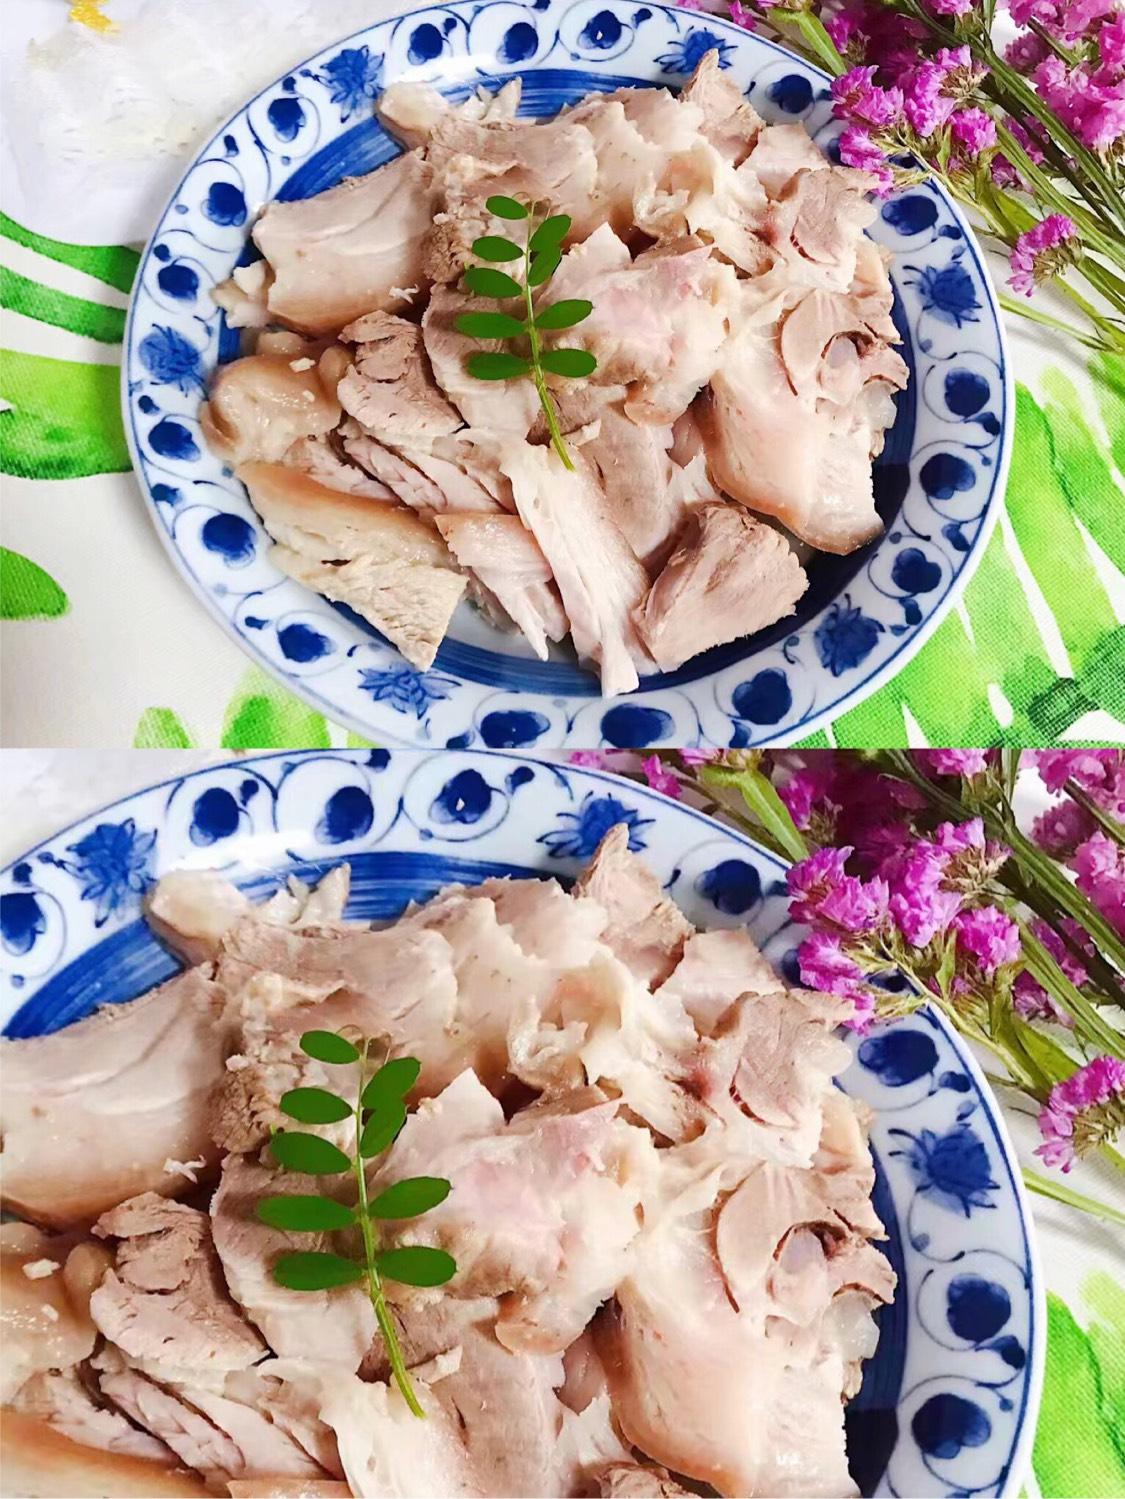 白切肘子+青菜肉汤😋😋😋 好久